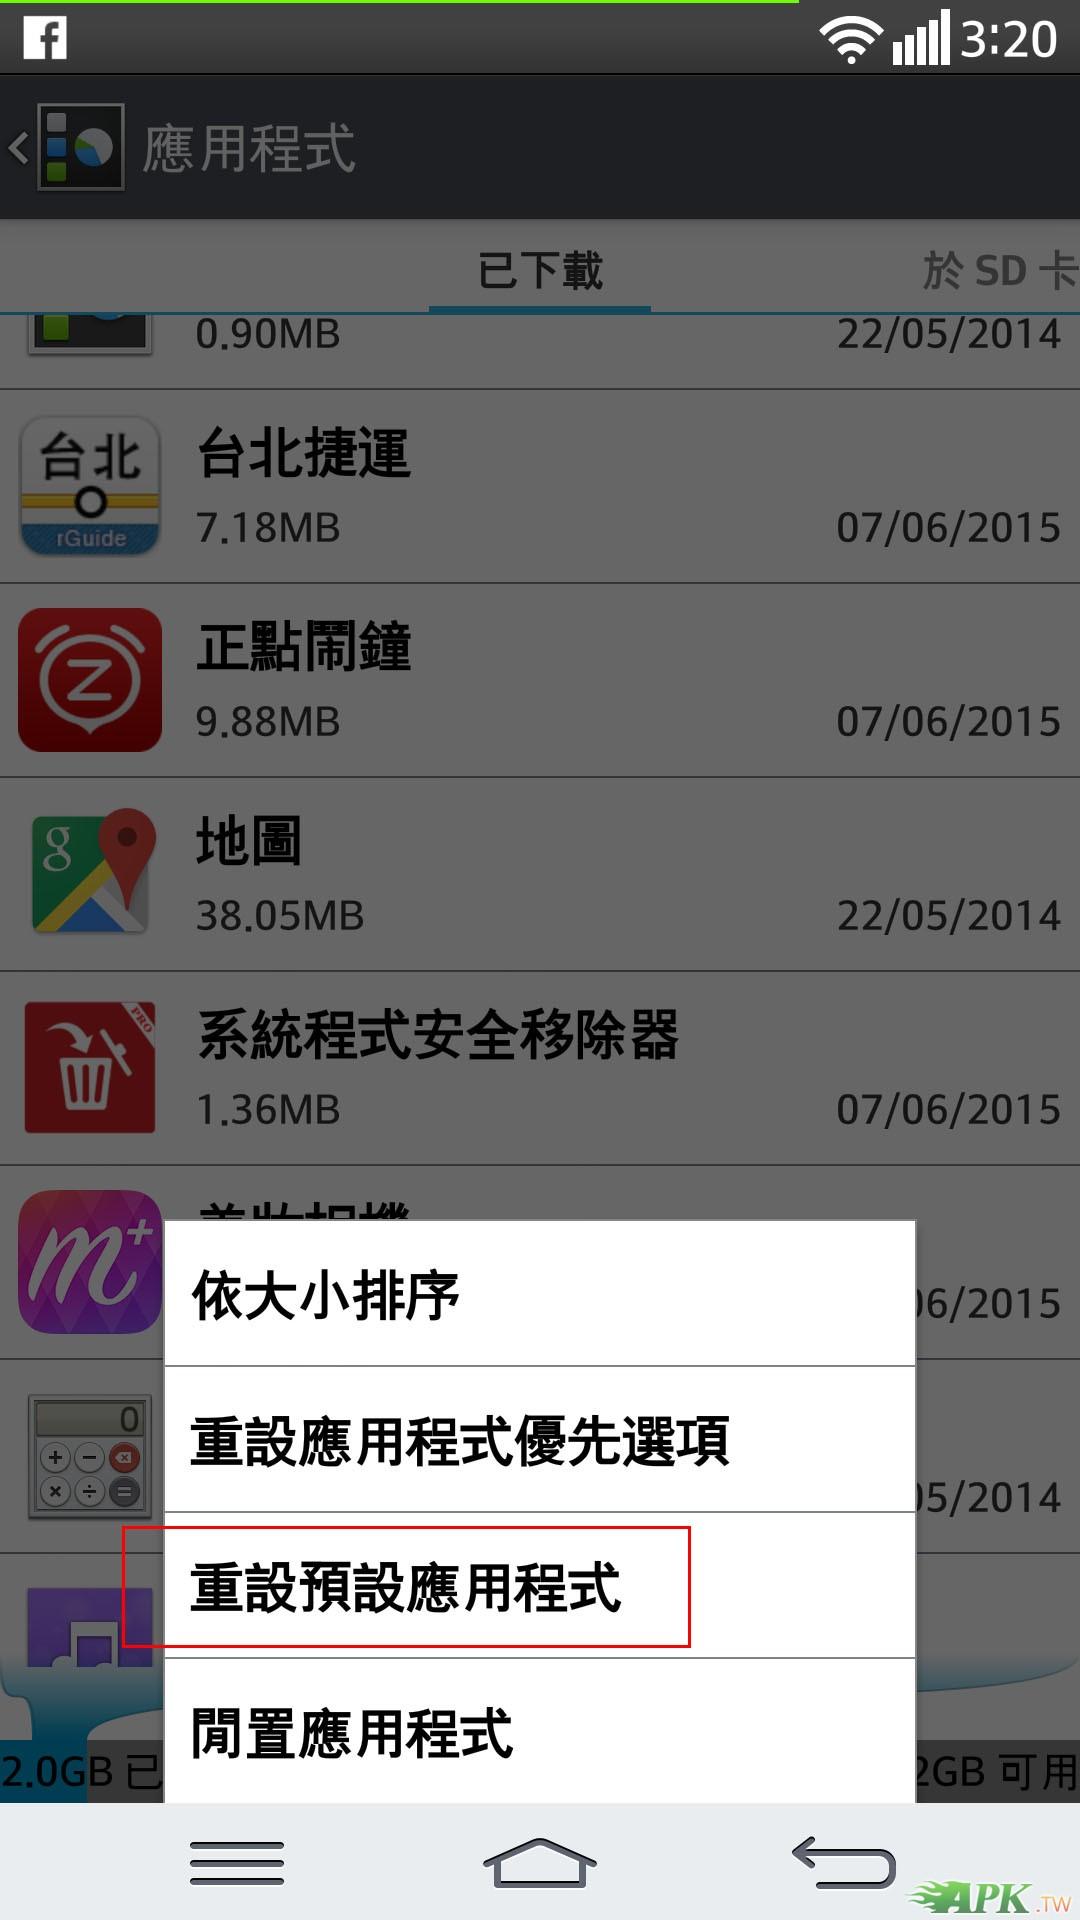 Screenshot_2015-06-14-03-20-16.jpg